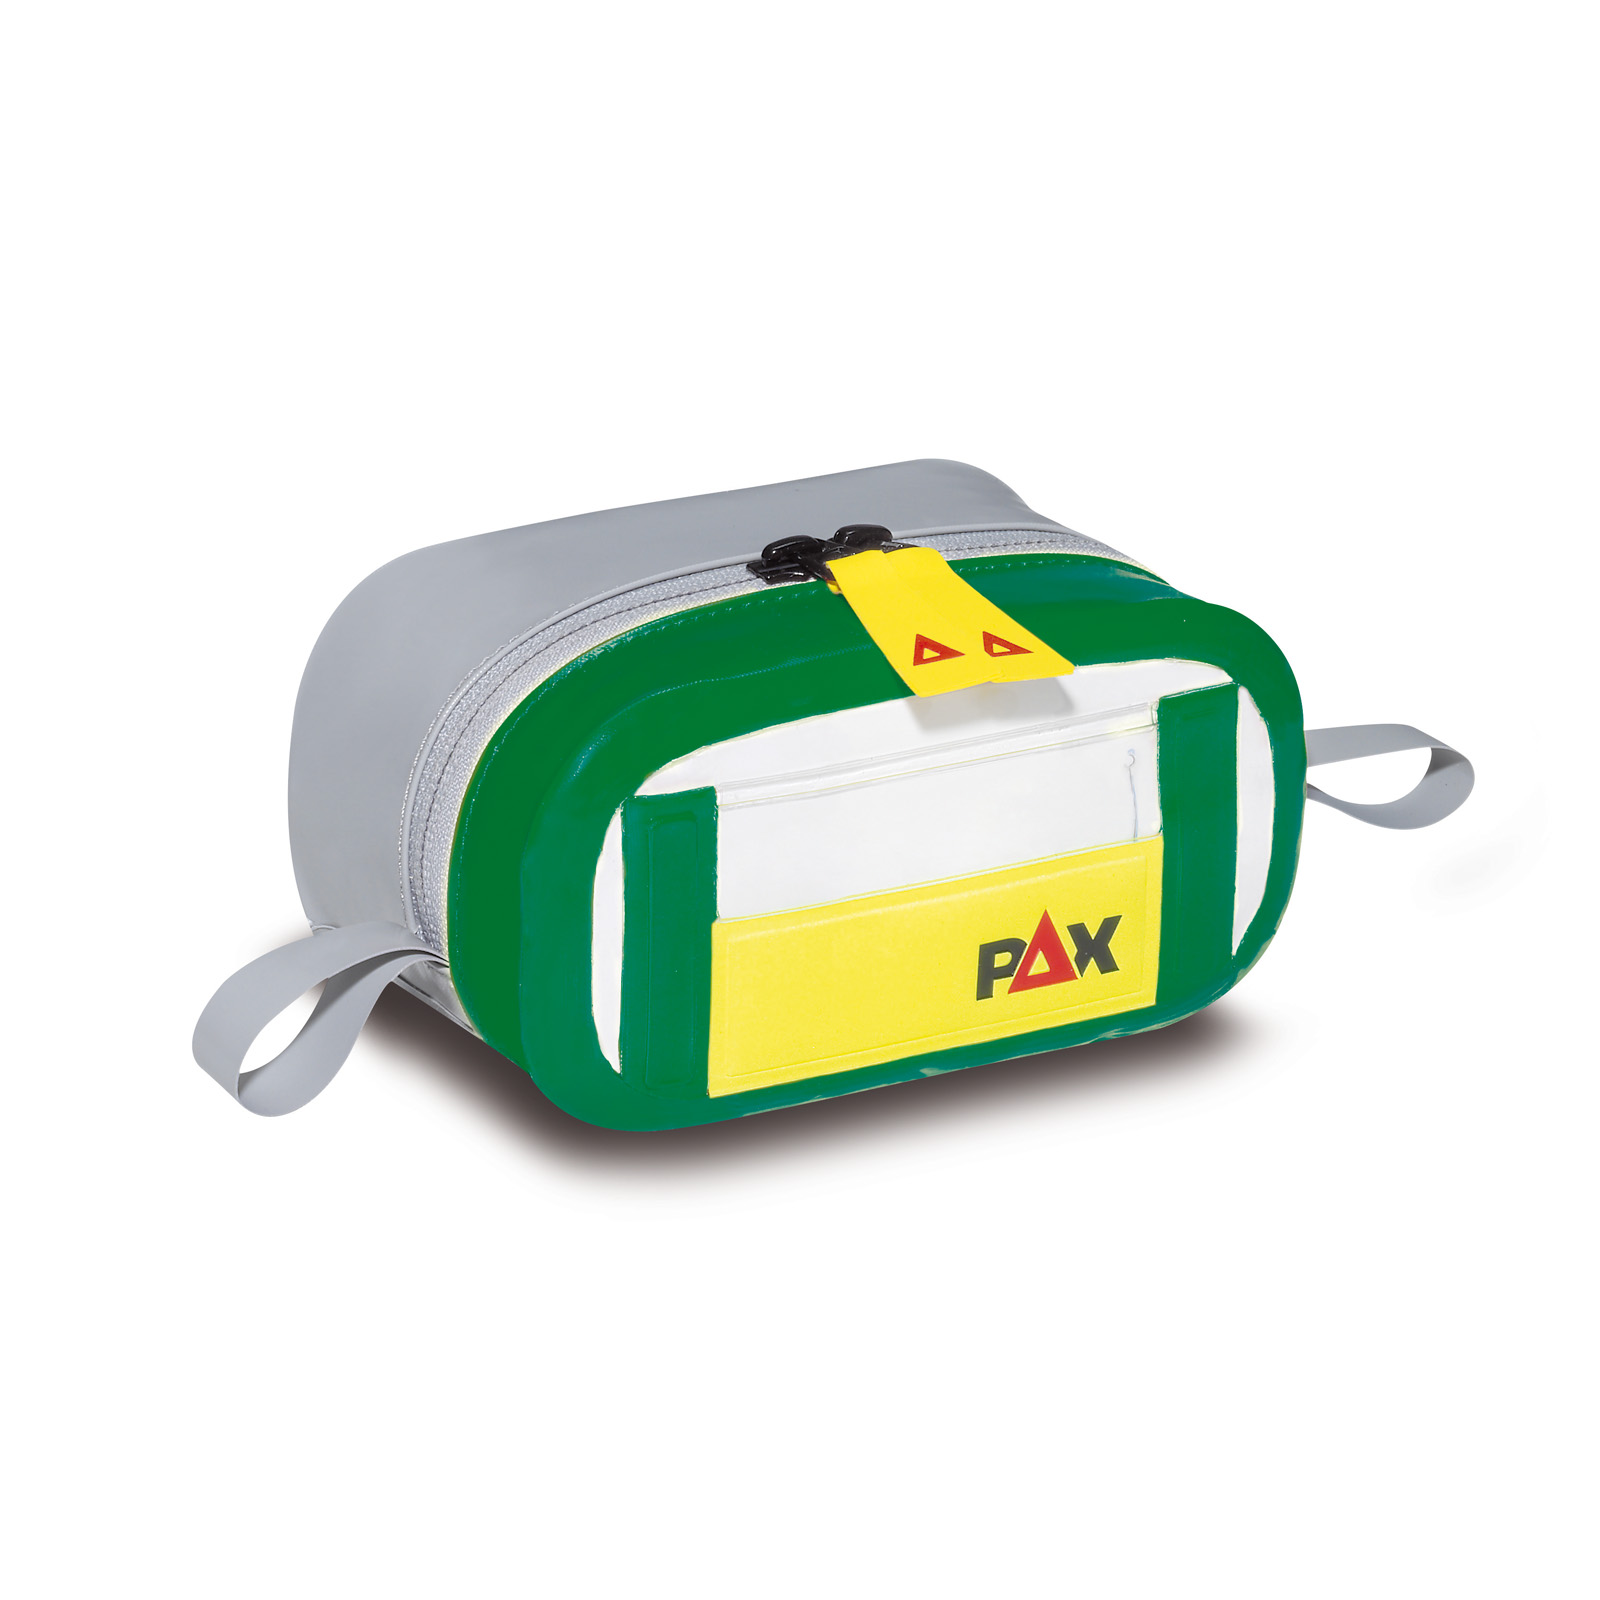 Innentasche S - geschweißt, PAX-Tex in grün